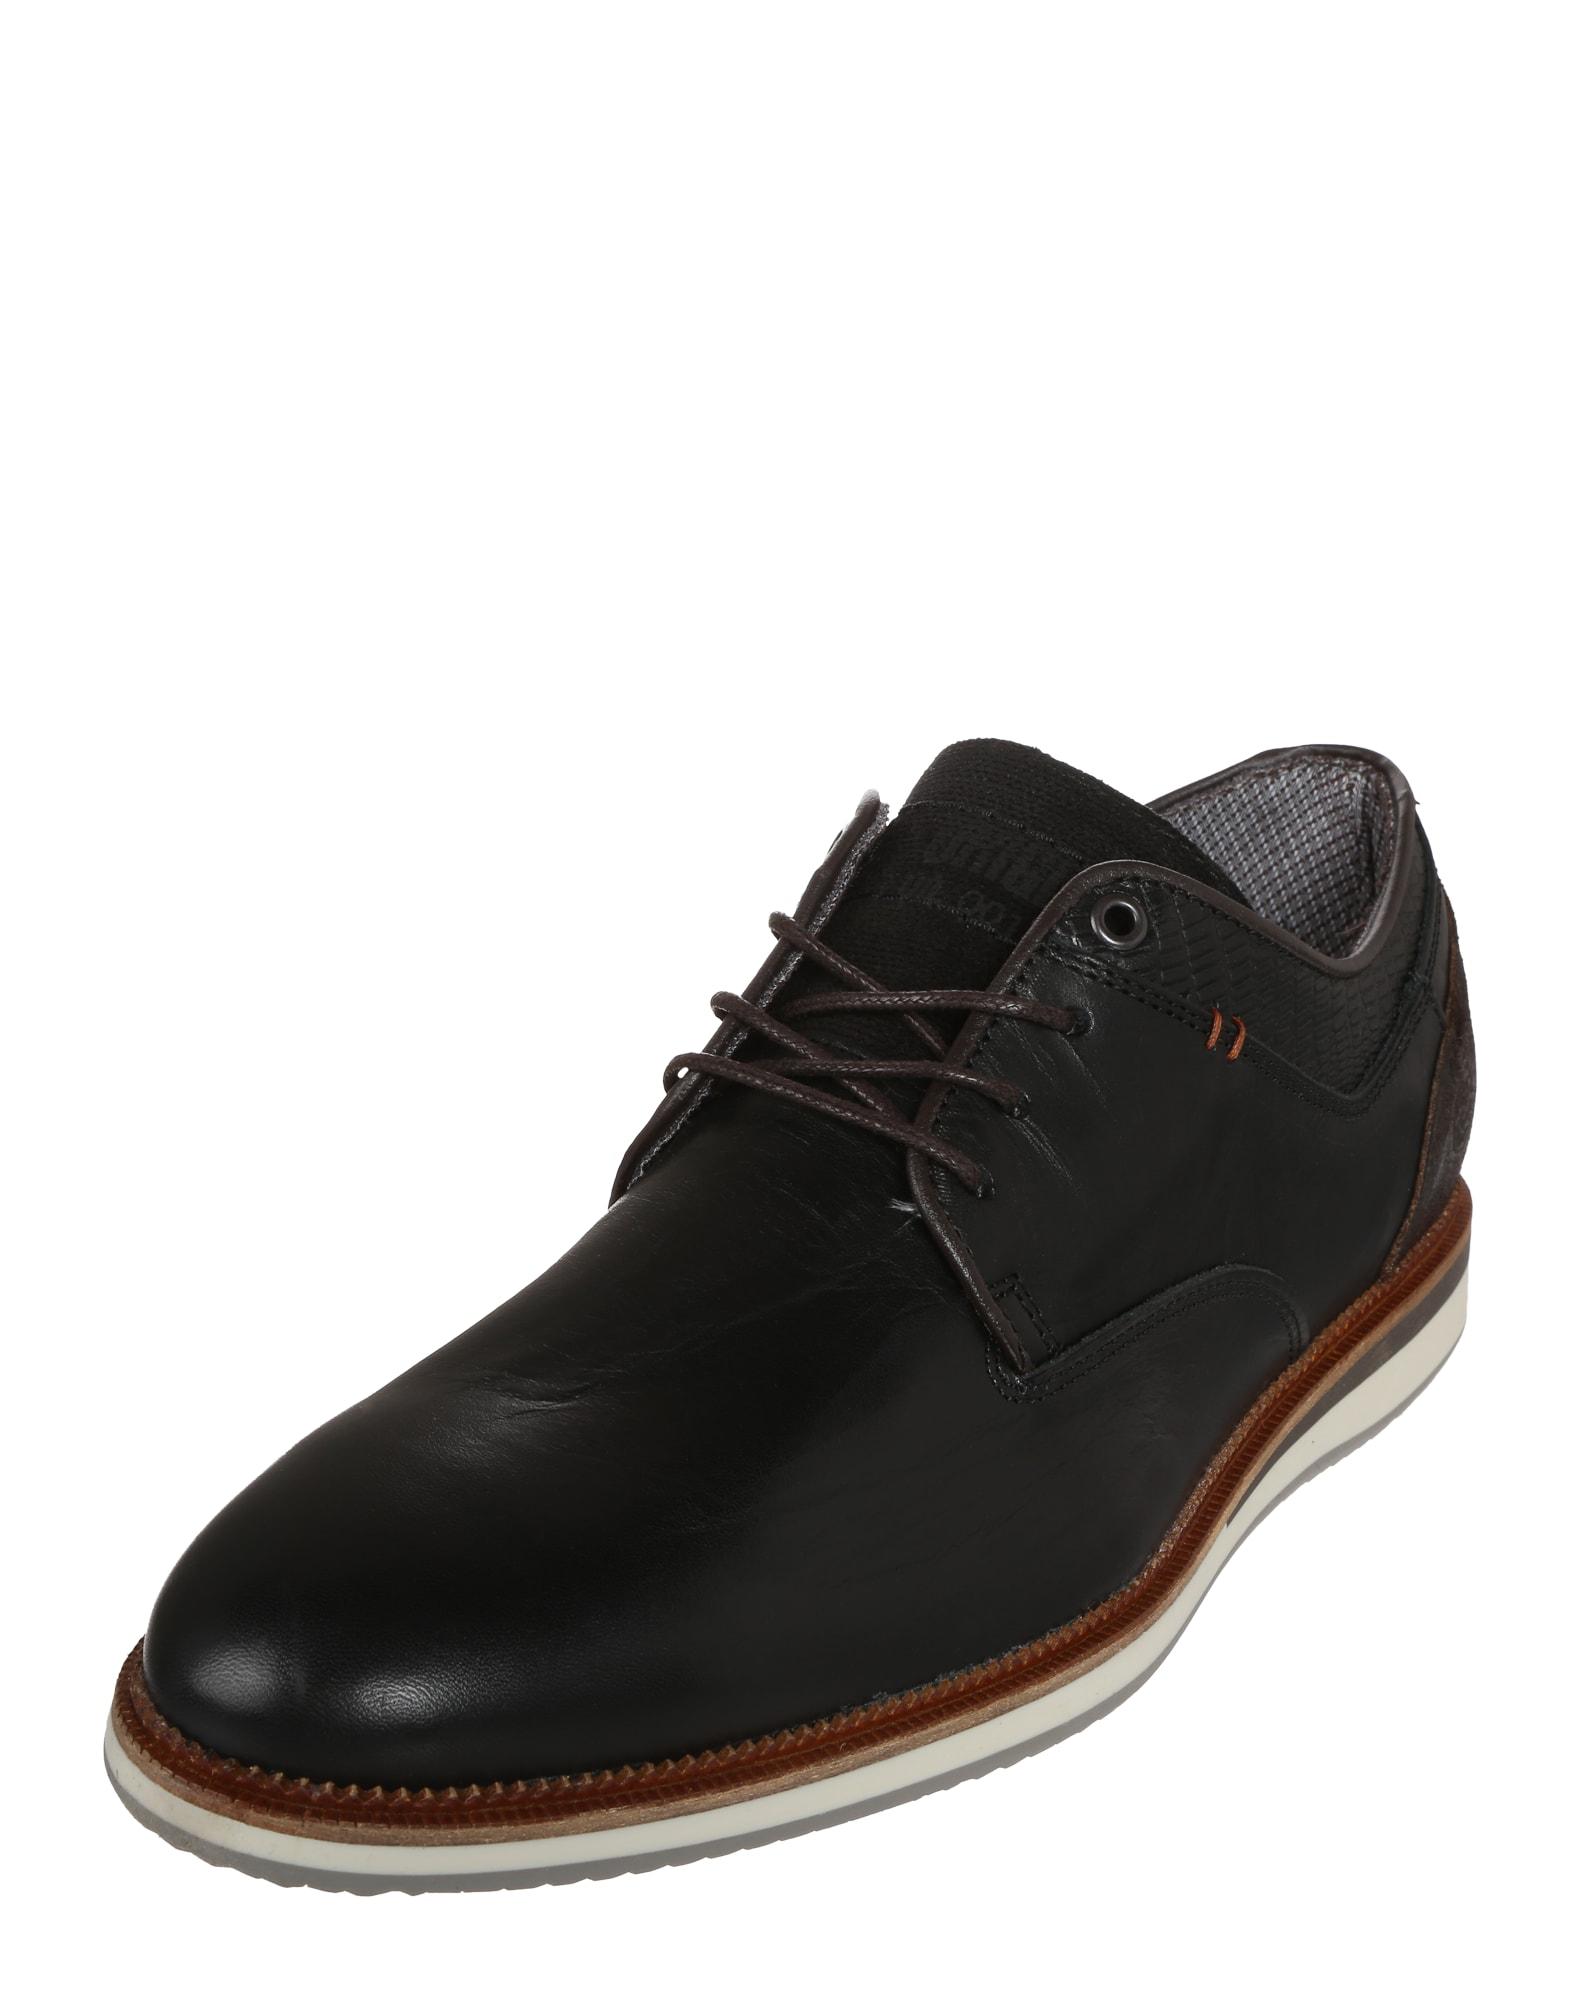 Šněrovací boty Derby Sportiv černá BULLBOXER